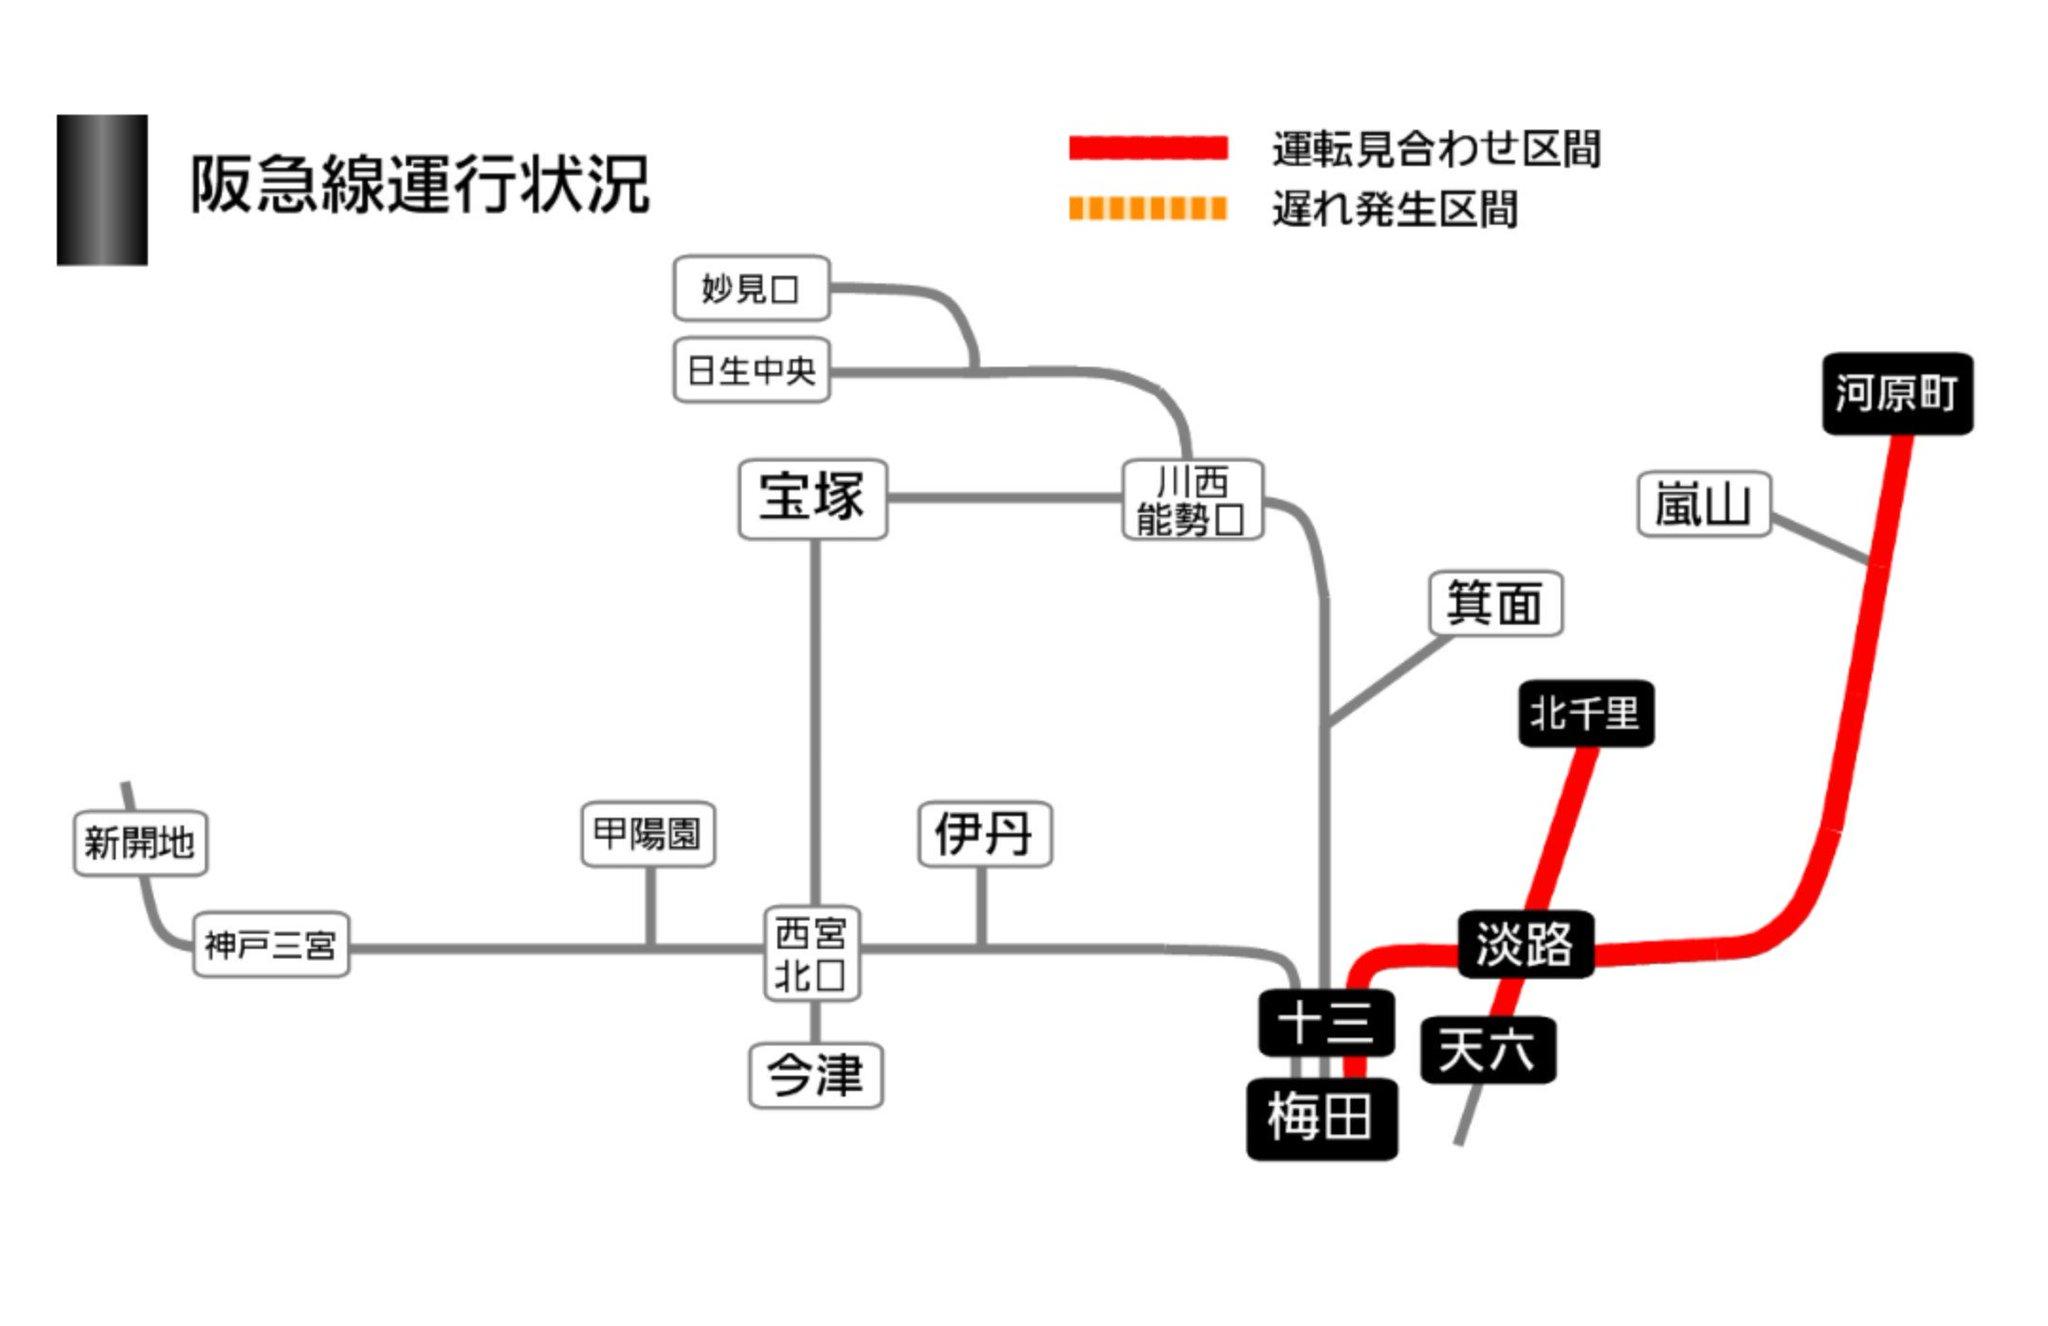 画像,阪急京都線、とうとう全線に。淡路駅 ポイント故障 https://t.co/YvKeg2HeTX。